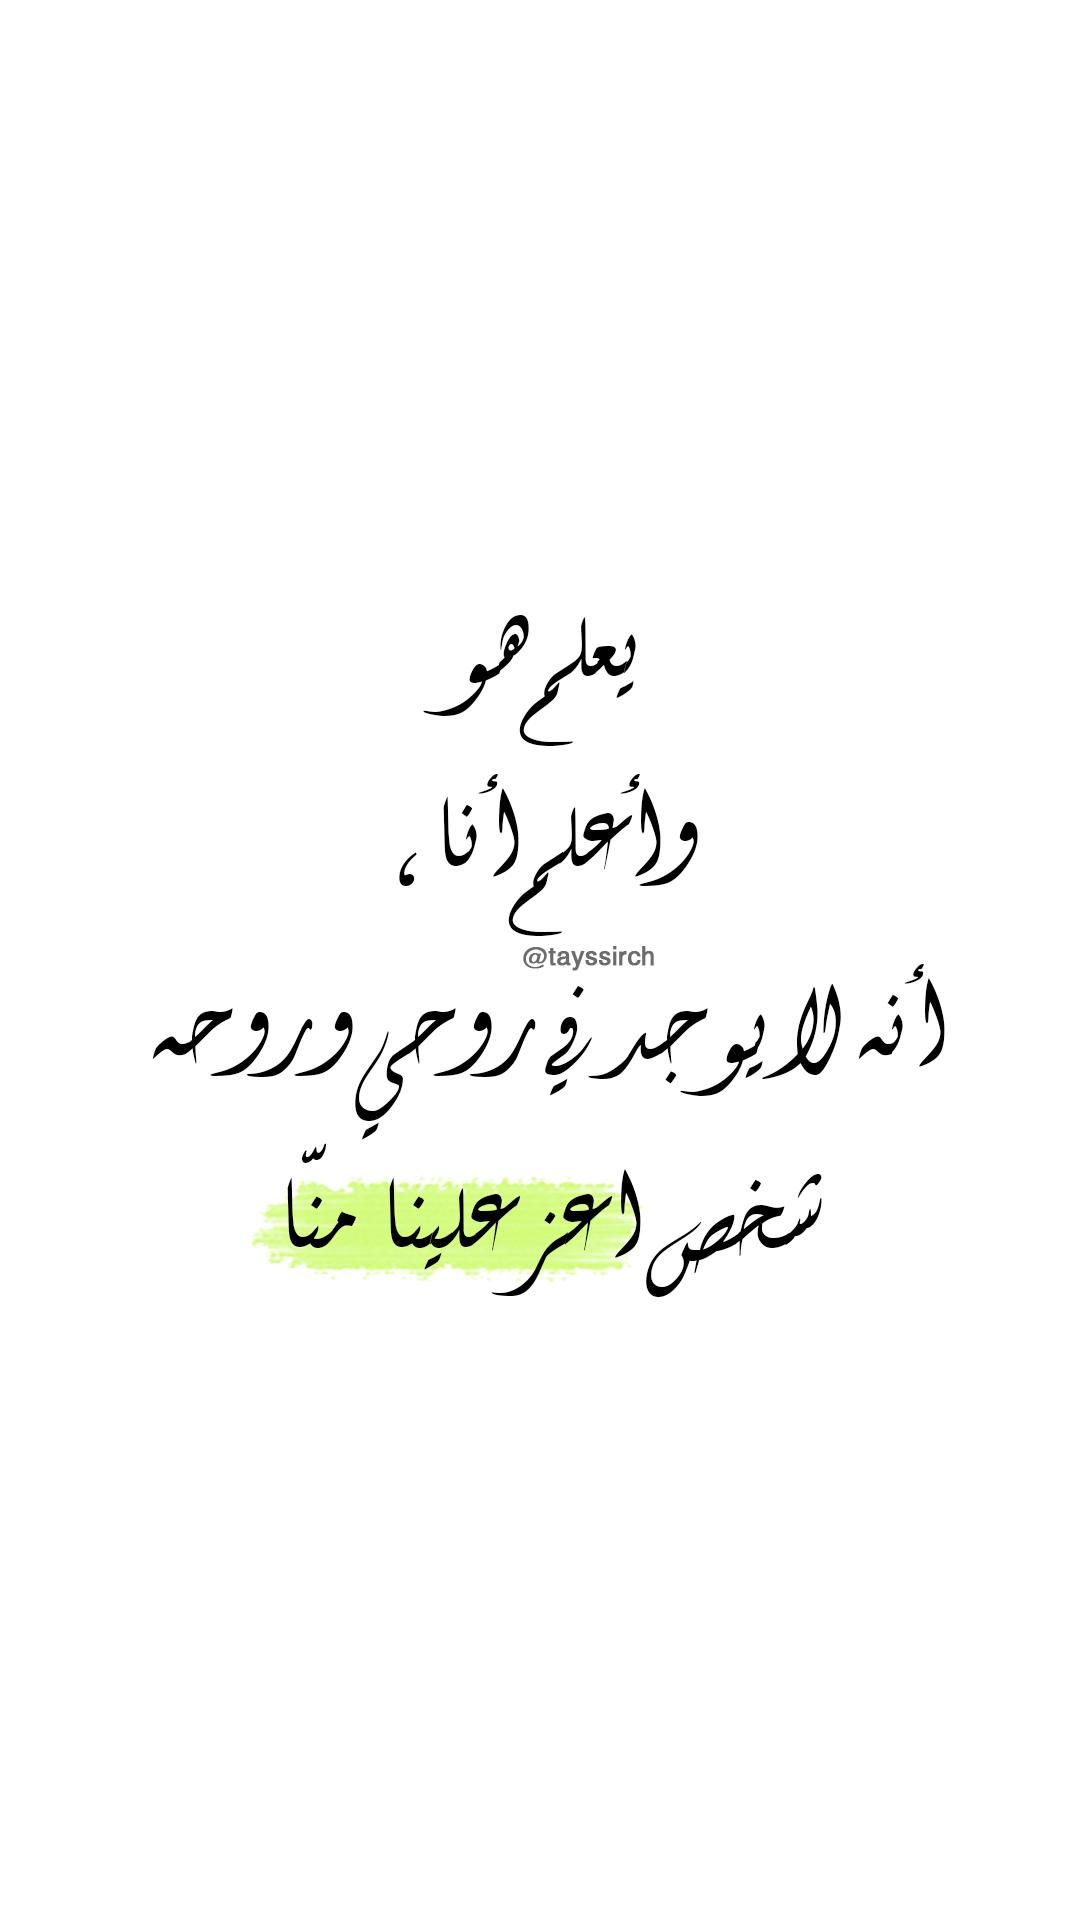 يعلم هو Words Quotes Arabic Love Quotes Morning Love Quotes